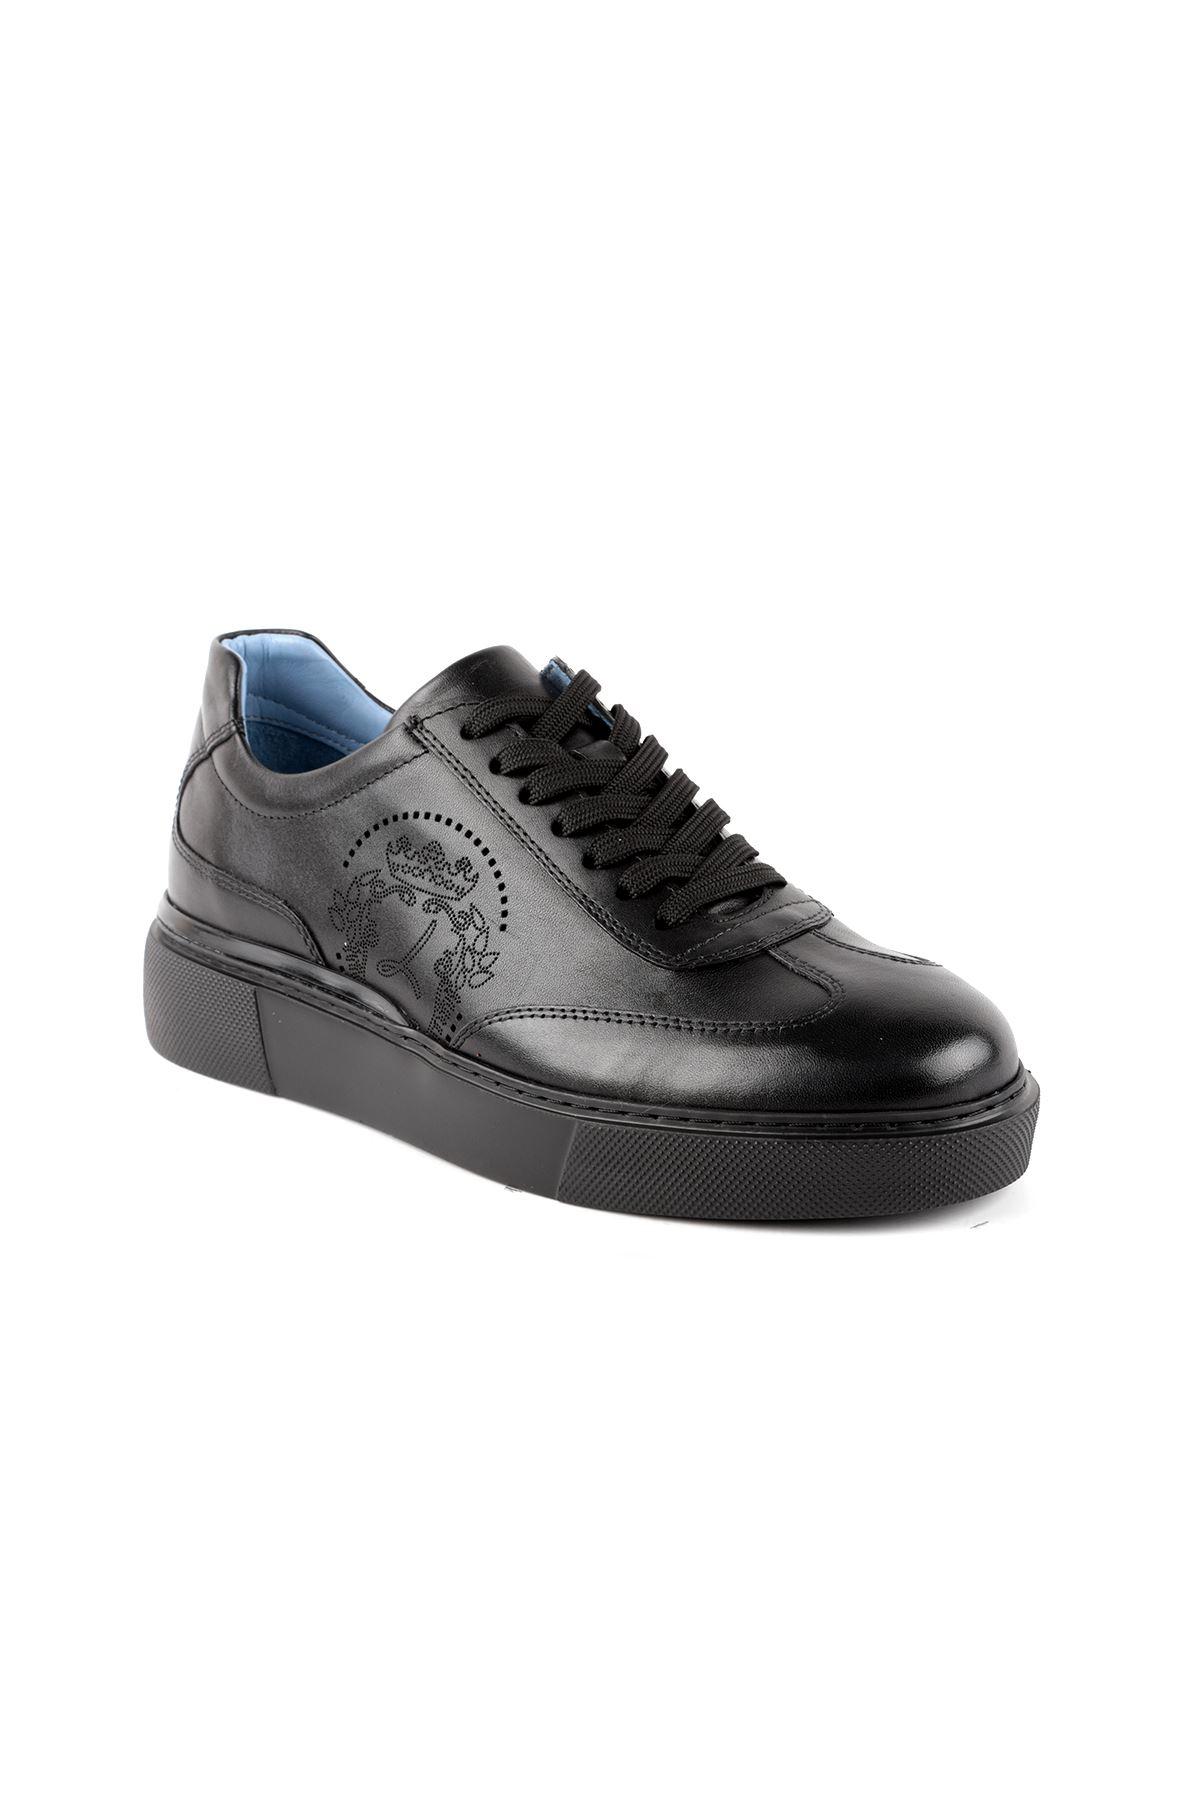 Libero L3783 Siyah Spor Ayakkabı